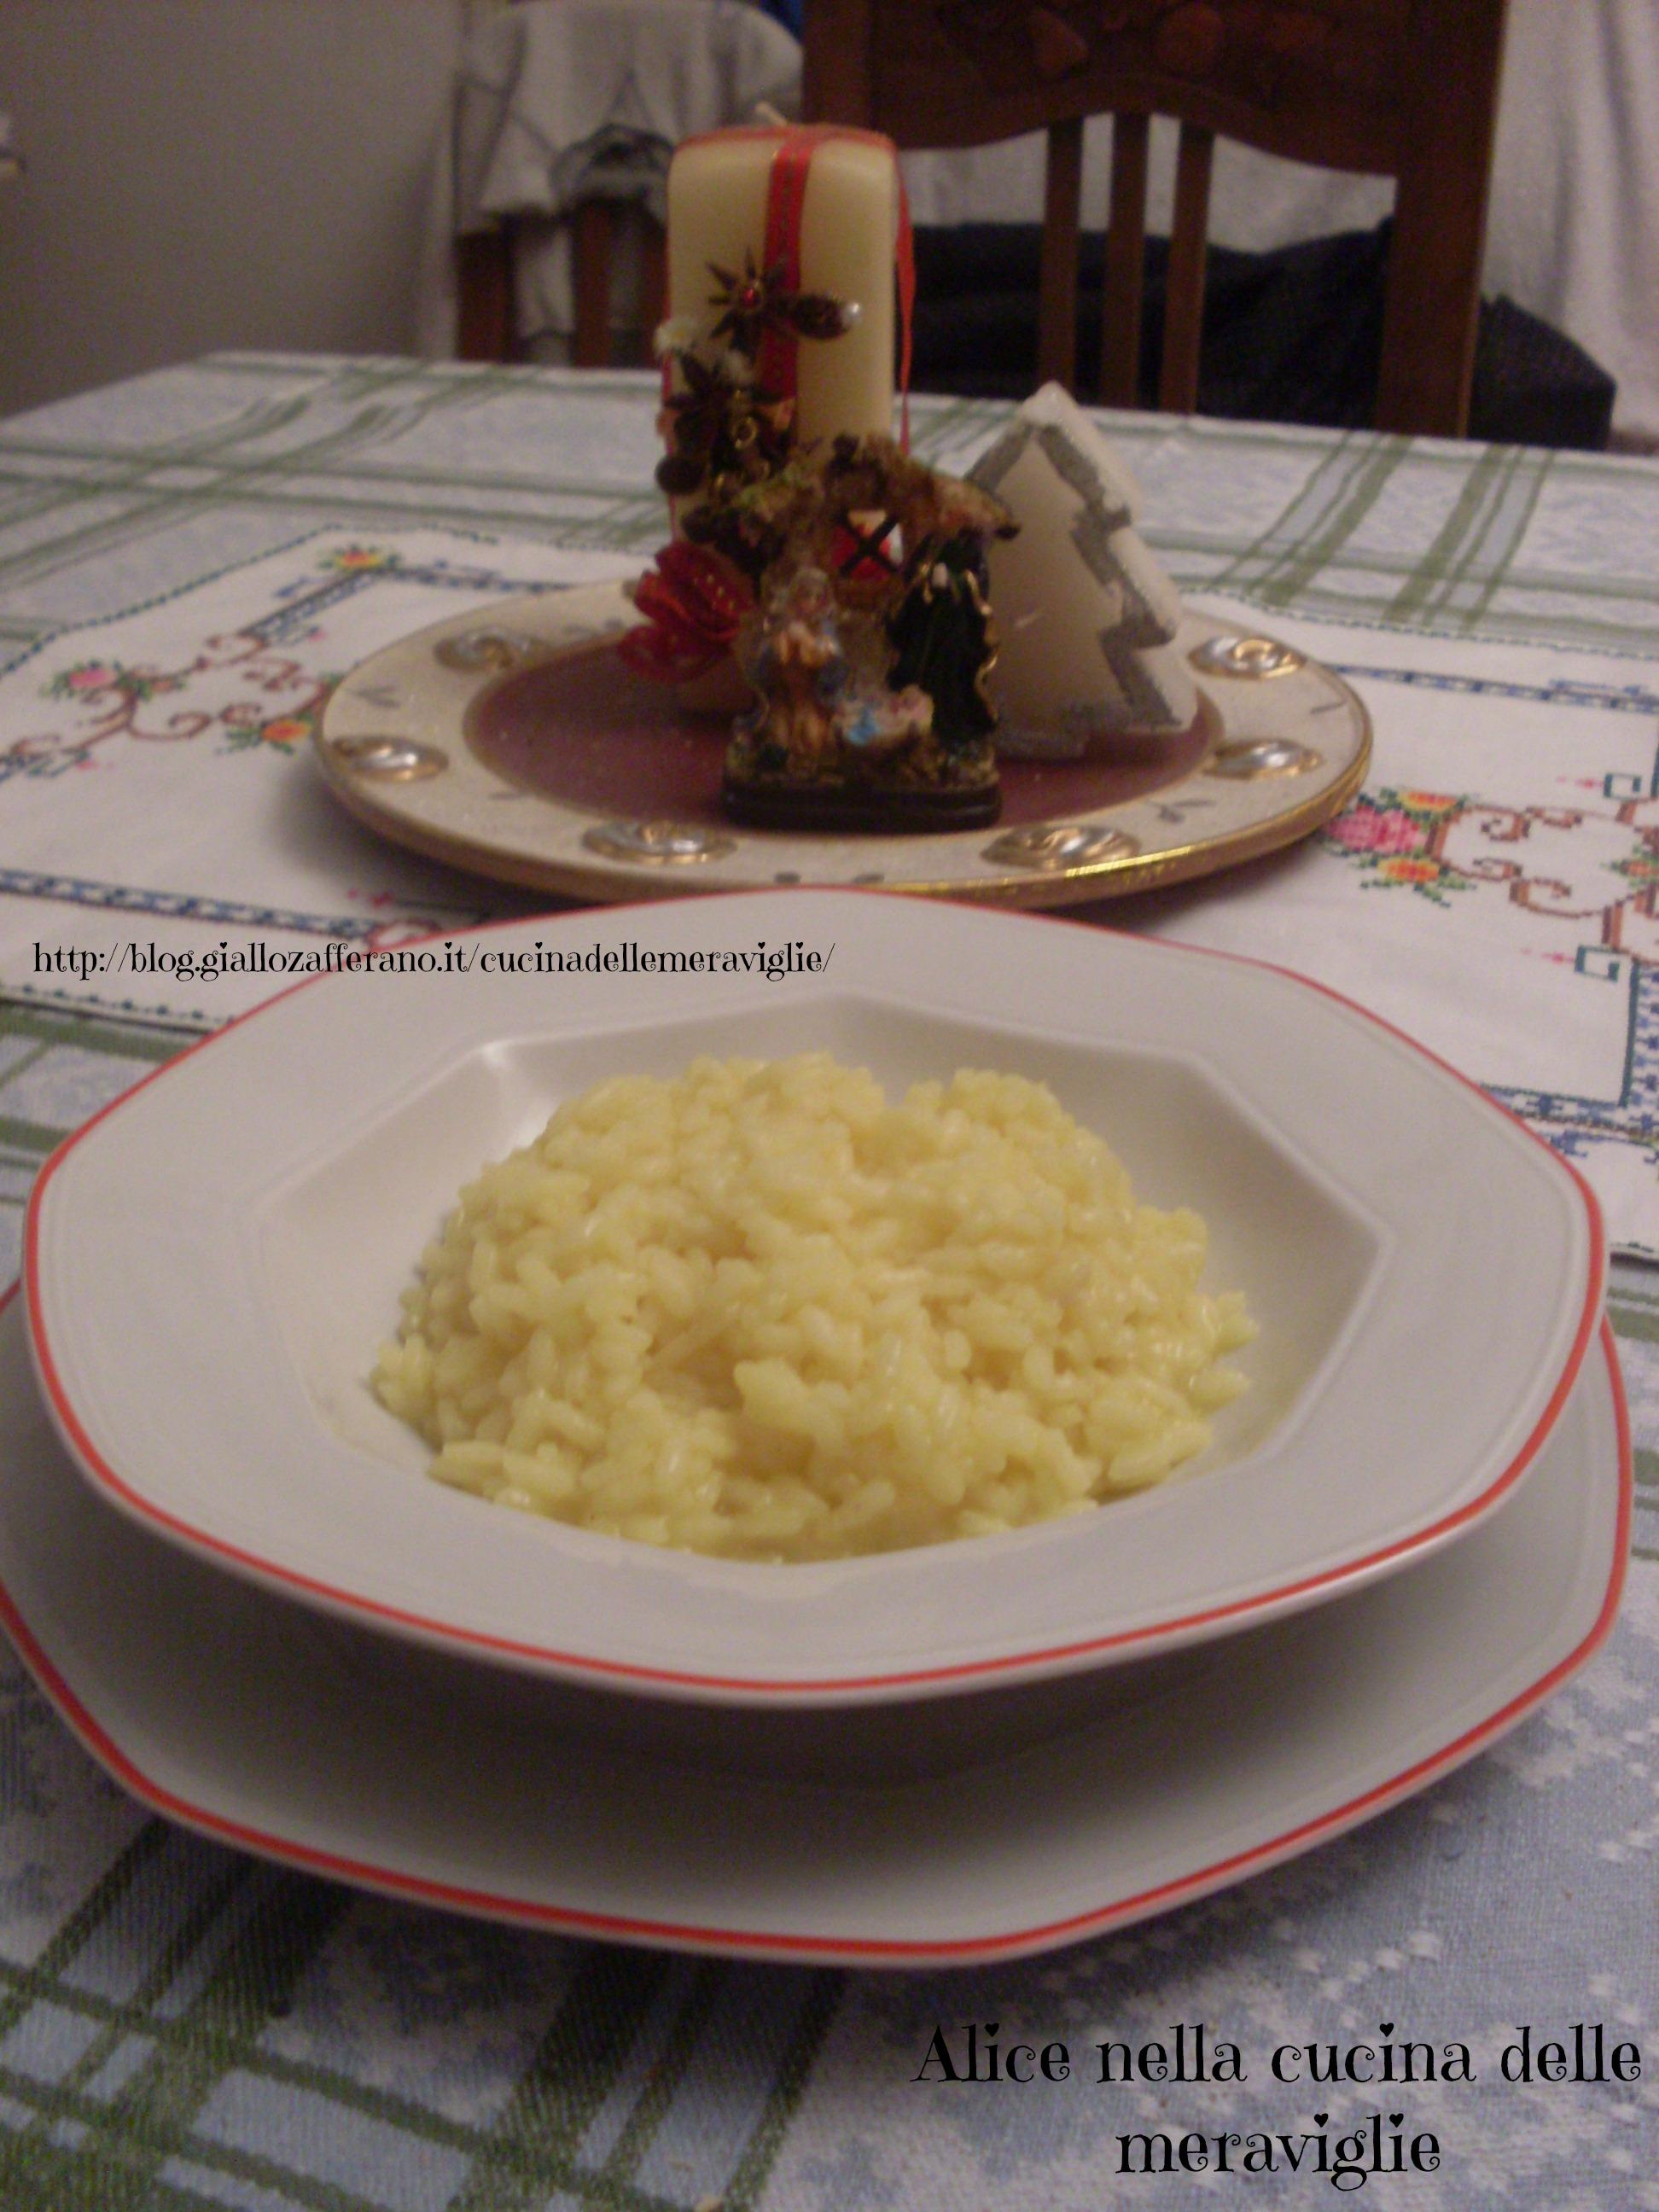 Risotto con brodo di cappone Ricetta primo piatto light Alice nella cucina delle meraviglie